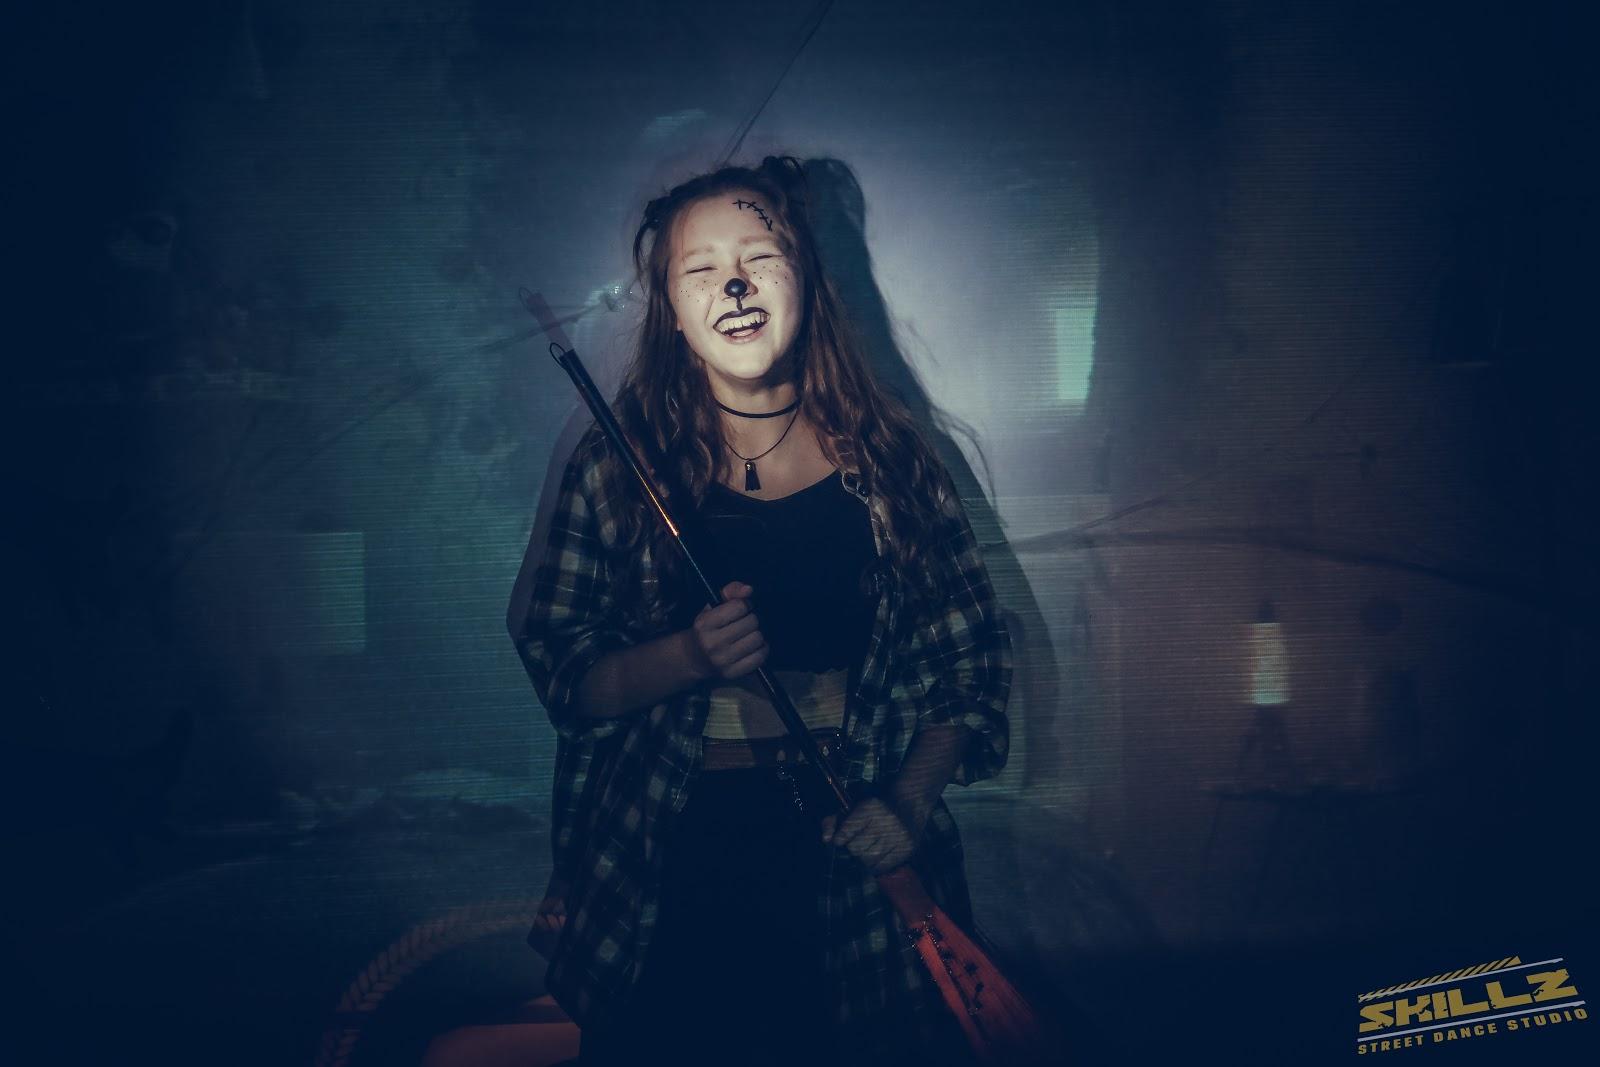 Naujikų krikštynos @SKILLZ (Halloween tema) - PANA1788.jpg